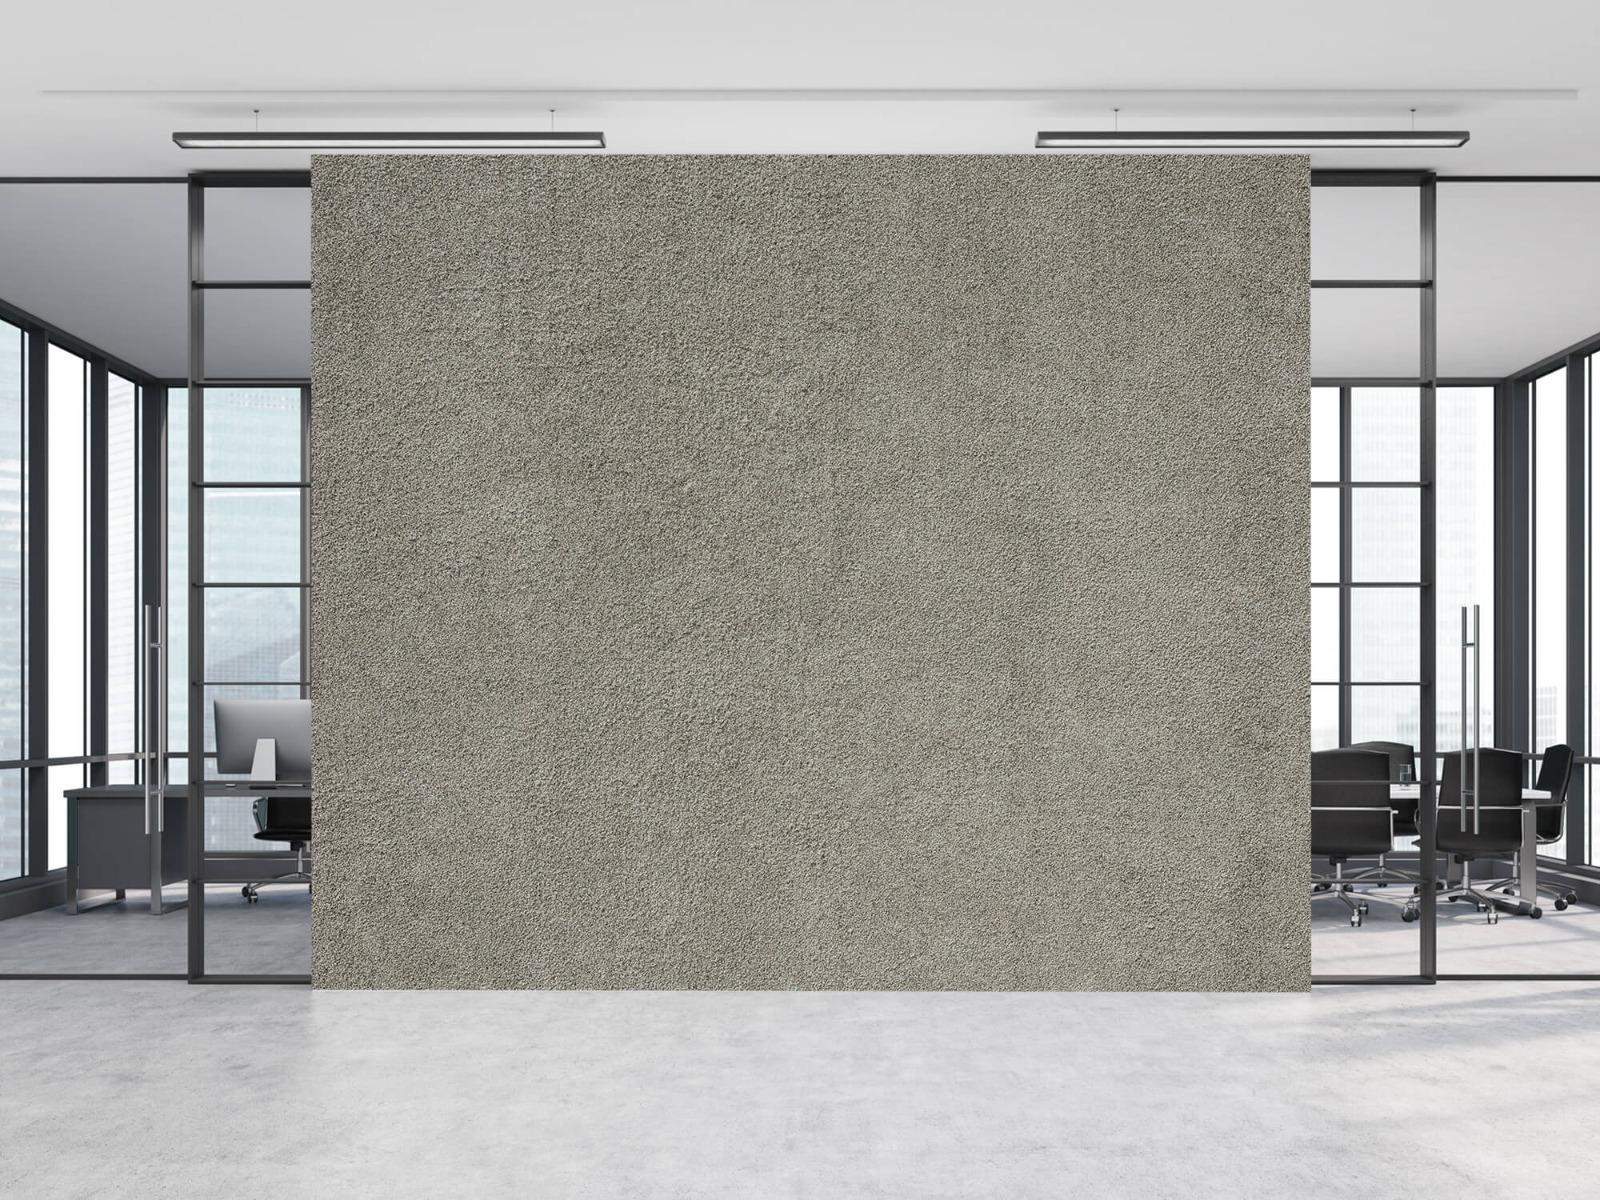 Betonlook behang - Betonnen muur met fijne steentjes - Kantoor 8